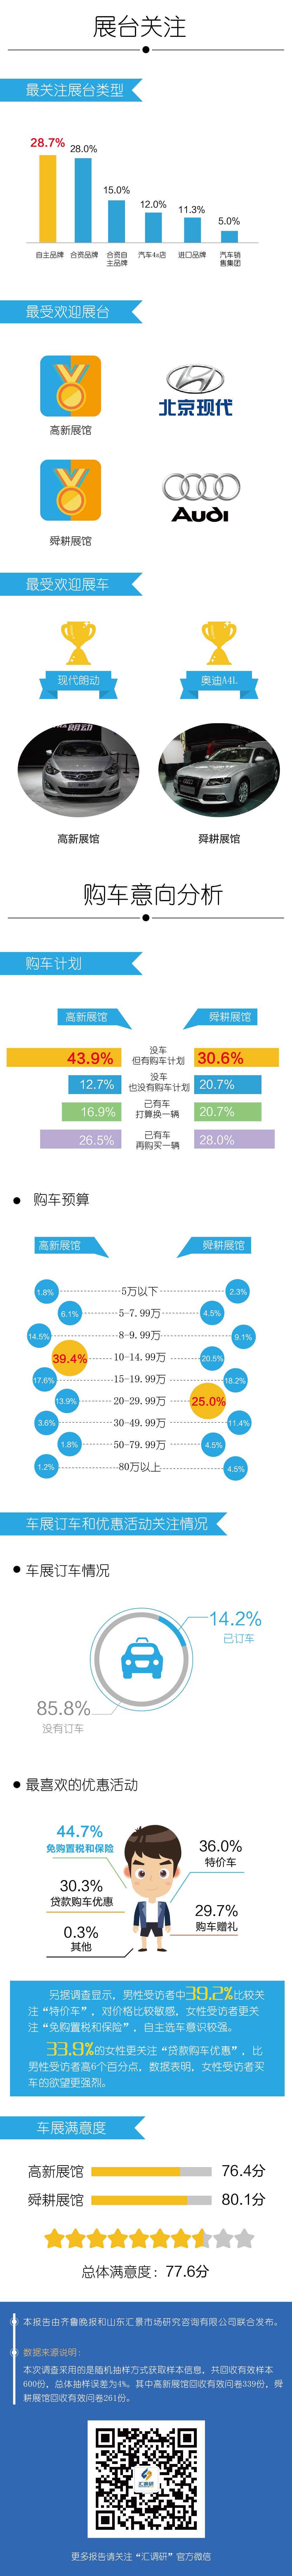 汇调研:2016《齐鲁秋季车展消费者满意度调查报告》2